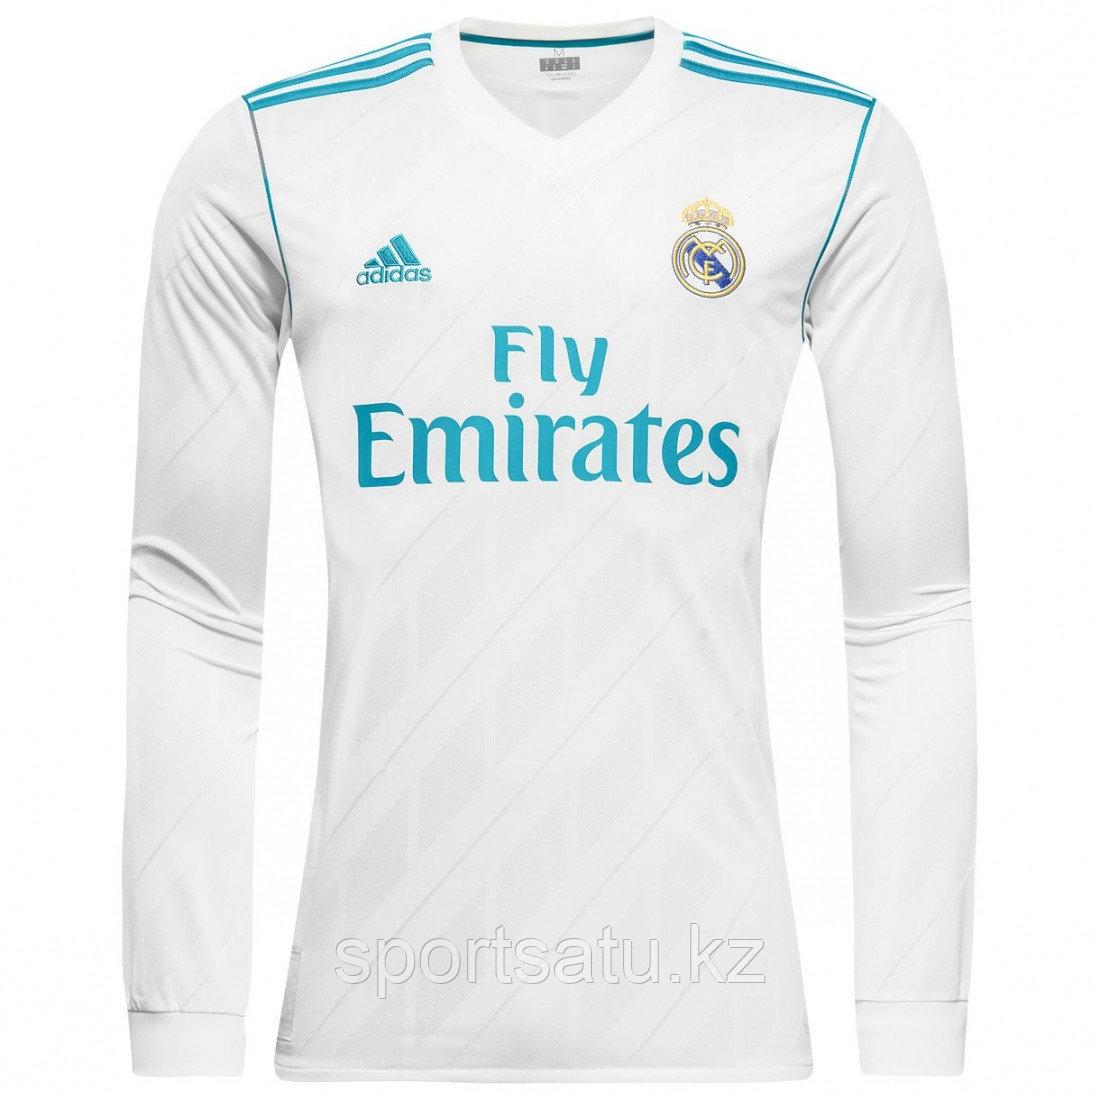 Футбольная форма Реал Мадрид с длинными рукавами сезона 2017-18 домашняя ХЛ